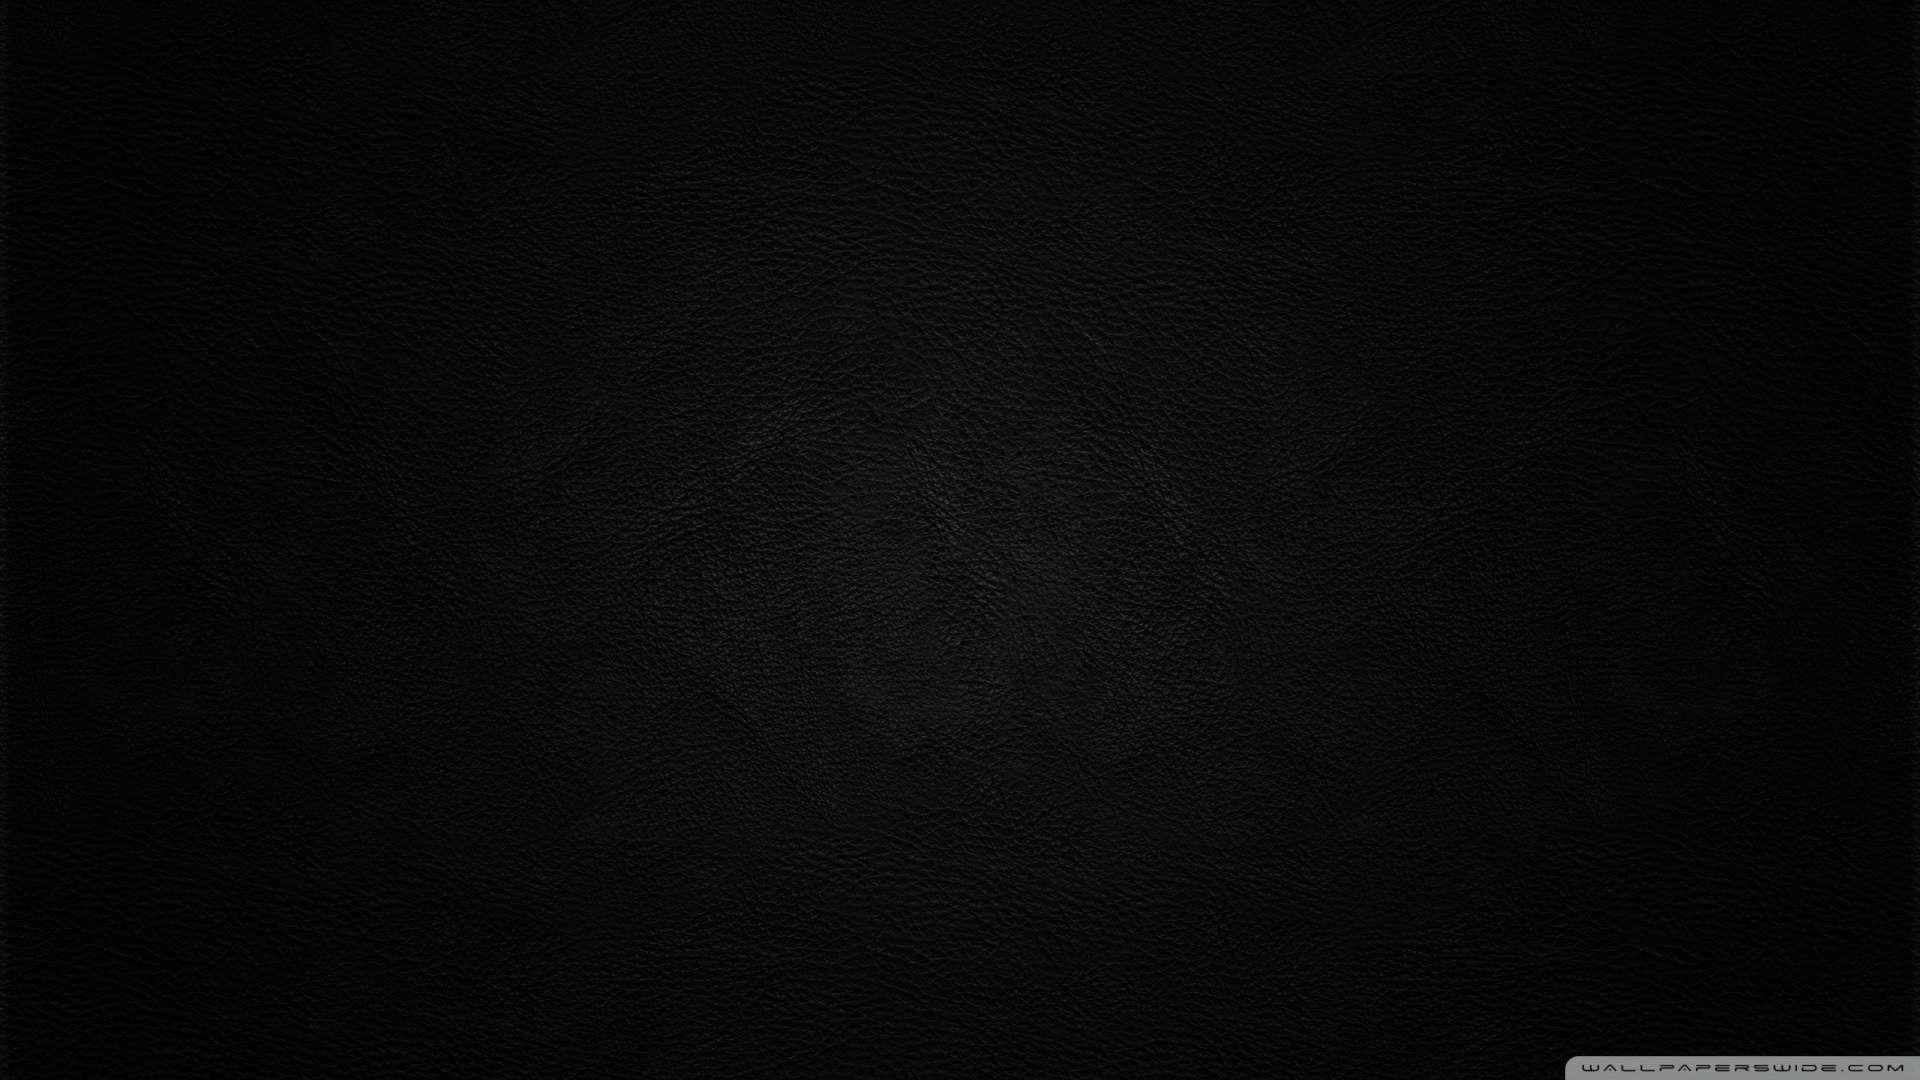 Dark hd wallpapers 1080p wallpapersafari - Dark background wallpaper hd ...